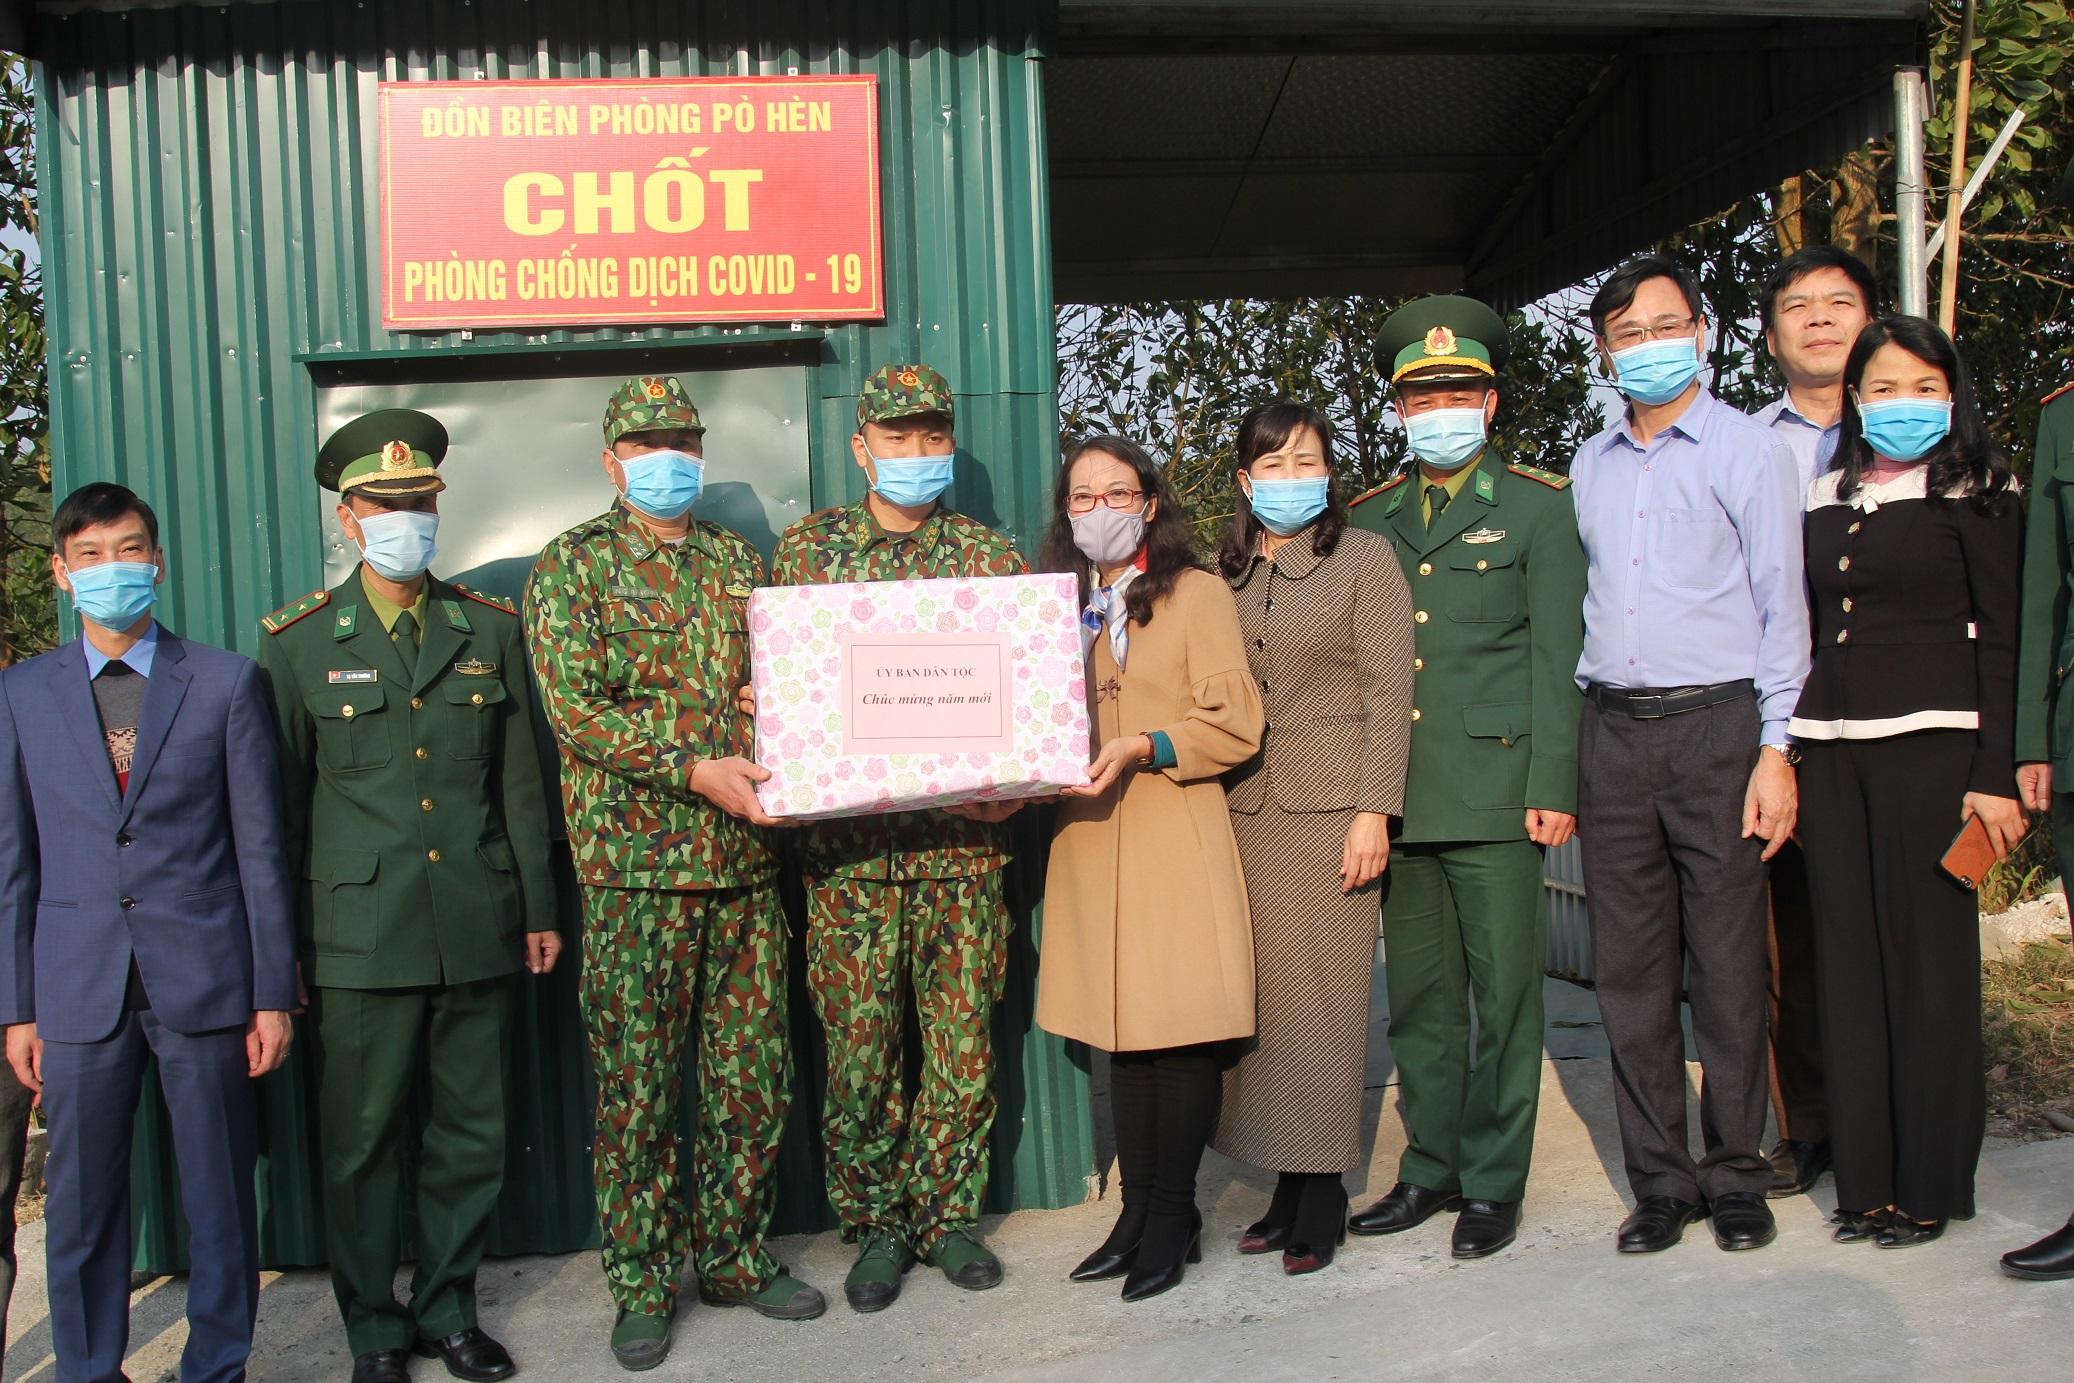 Thứ trưởng, Phó Chủ nhiệm Hoàng Thị Hạnh tặng quà các chiến sỹ biên phòng tại các chốt phòng chống dịch trên tuyến biên giới huyện Hải Hà và thành phố Móng Cái